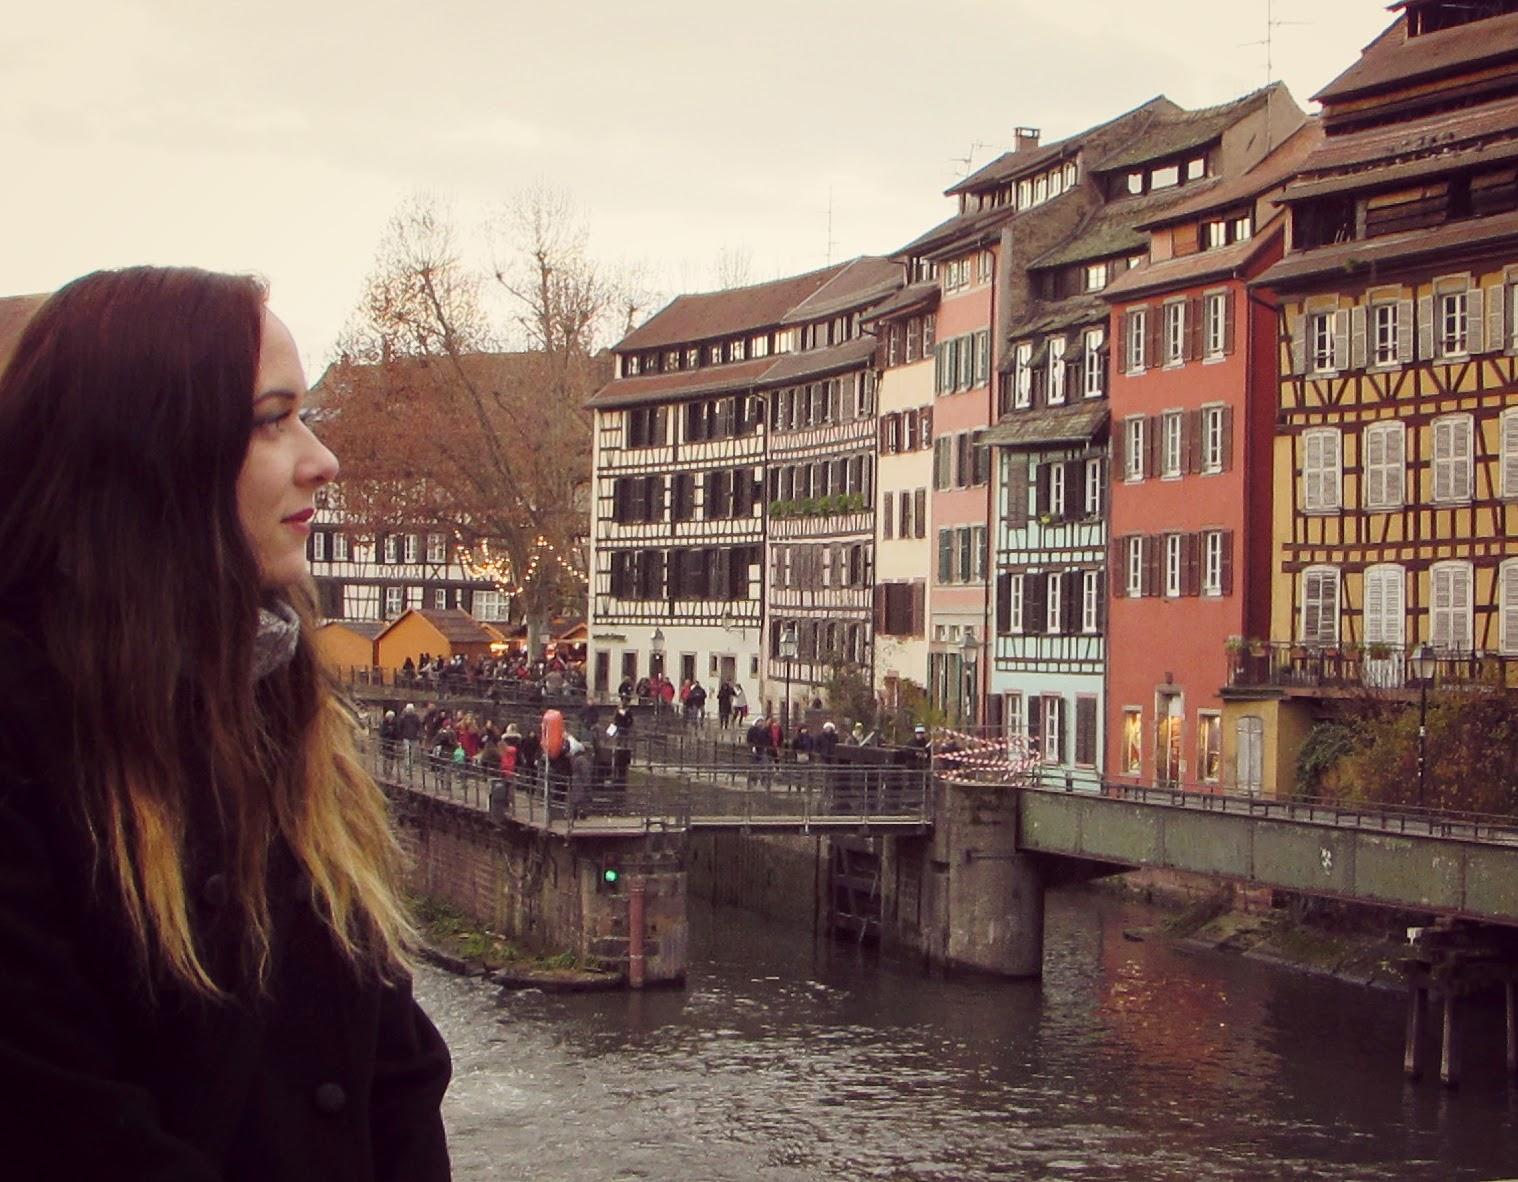 Strasbourg, capital of Christmas